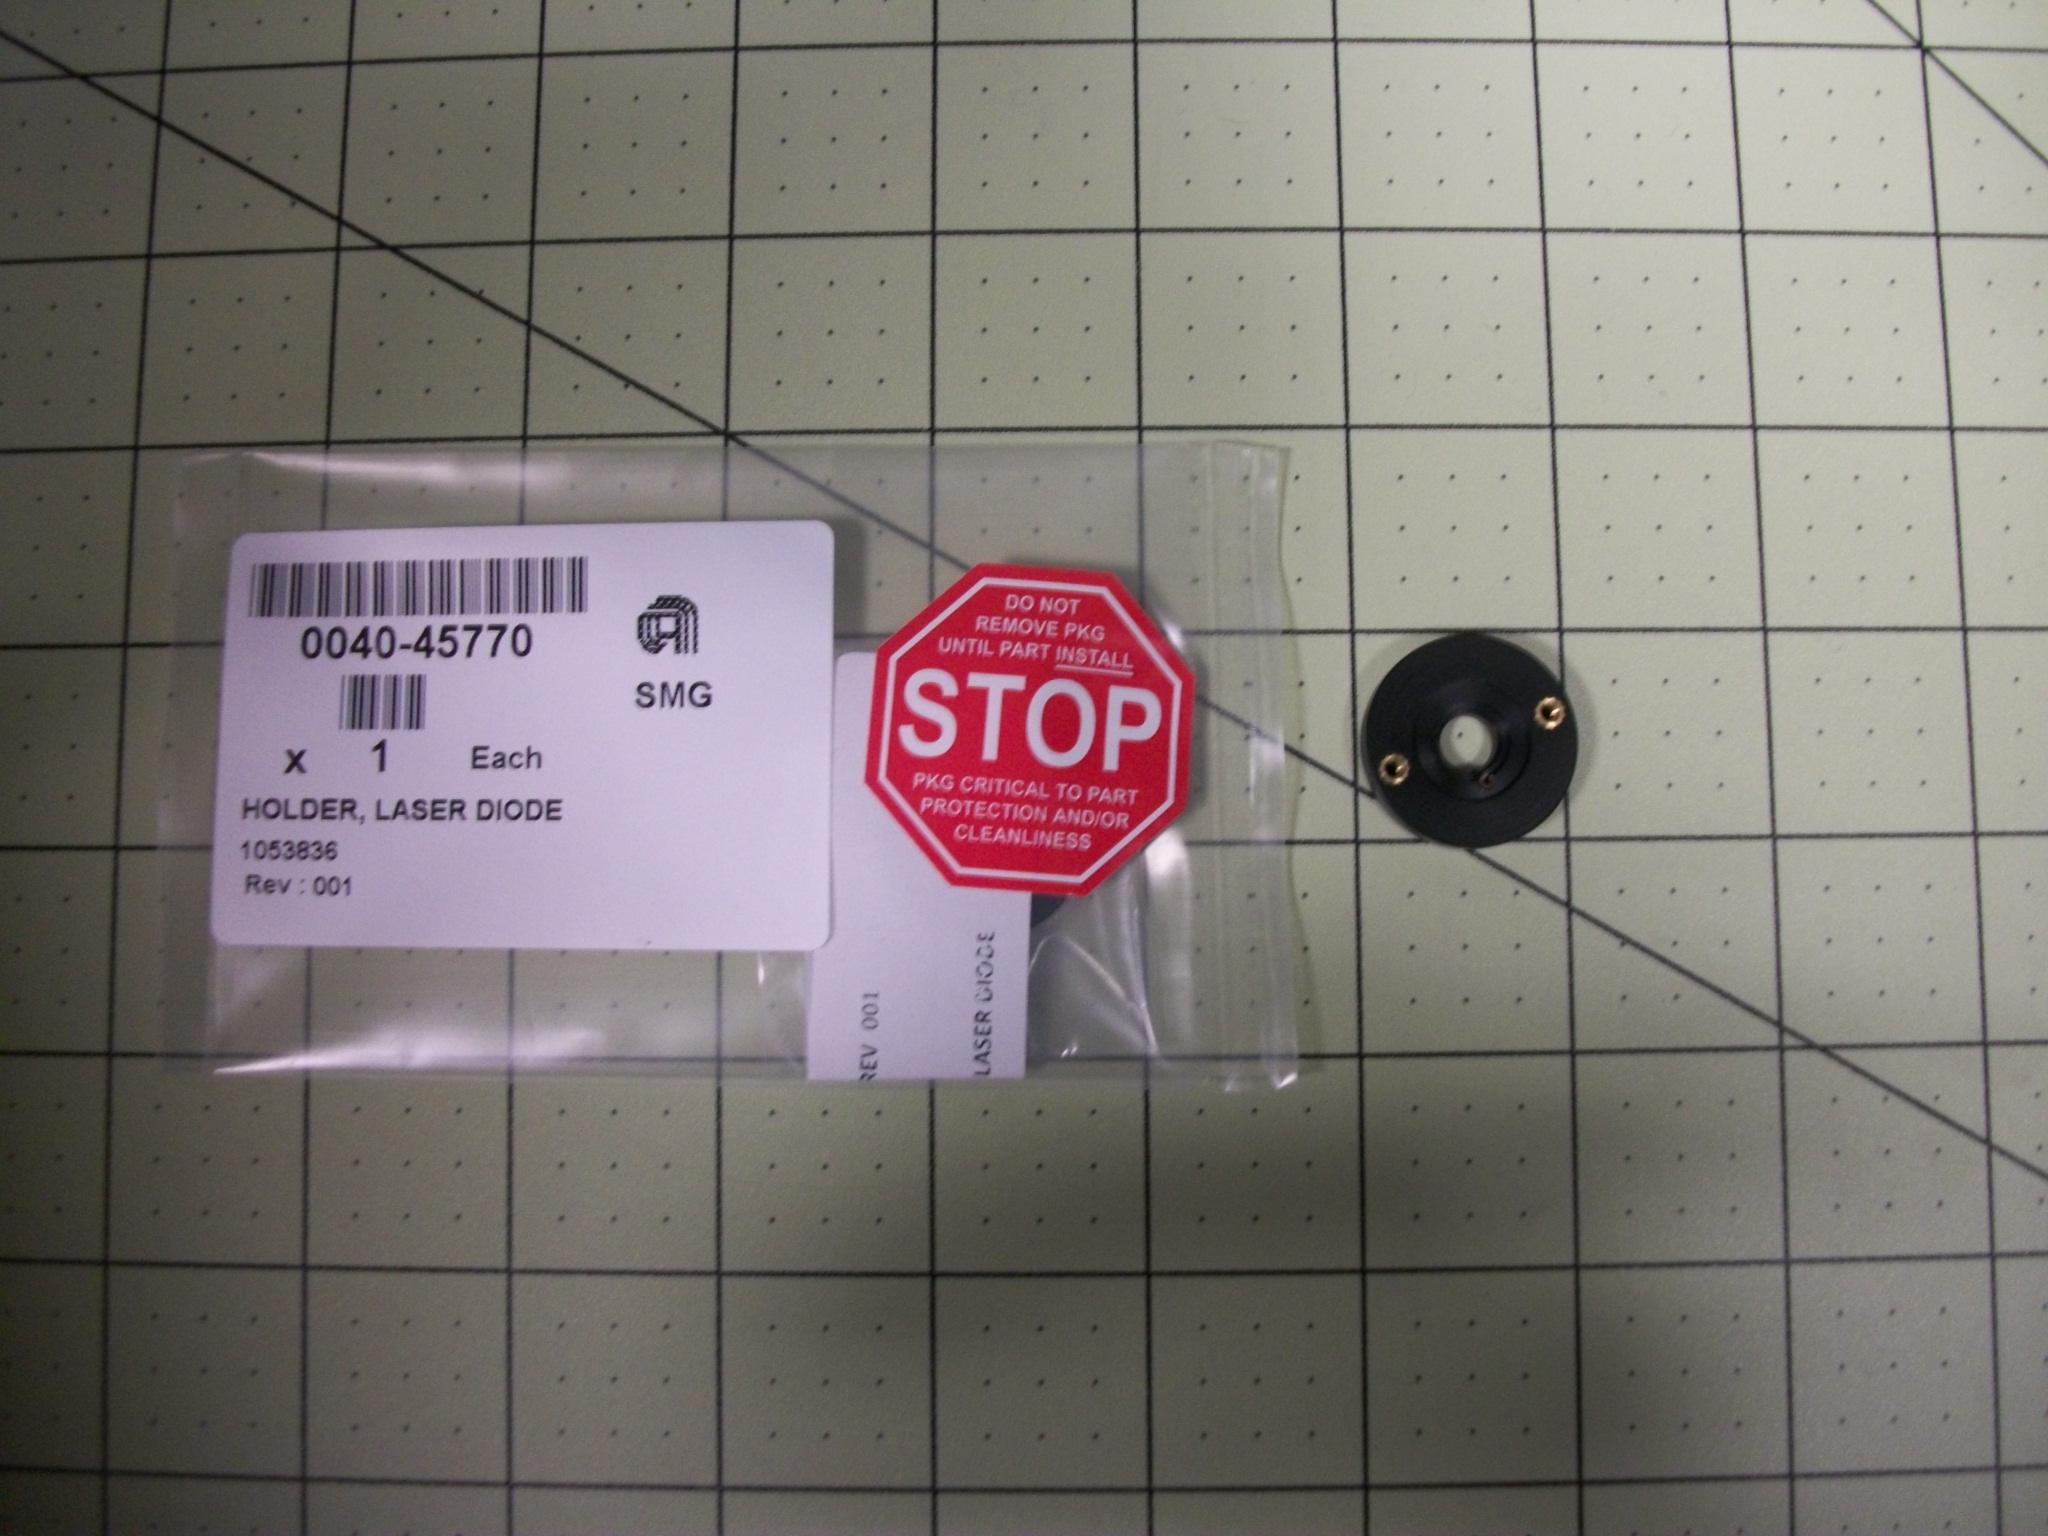 Holder, Laser Diode - Used